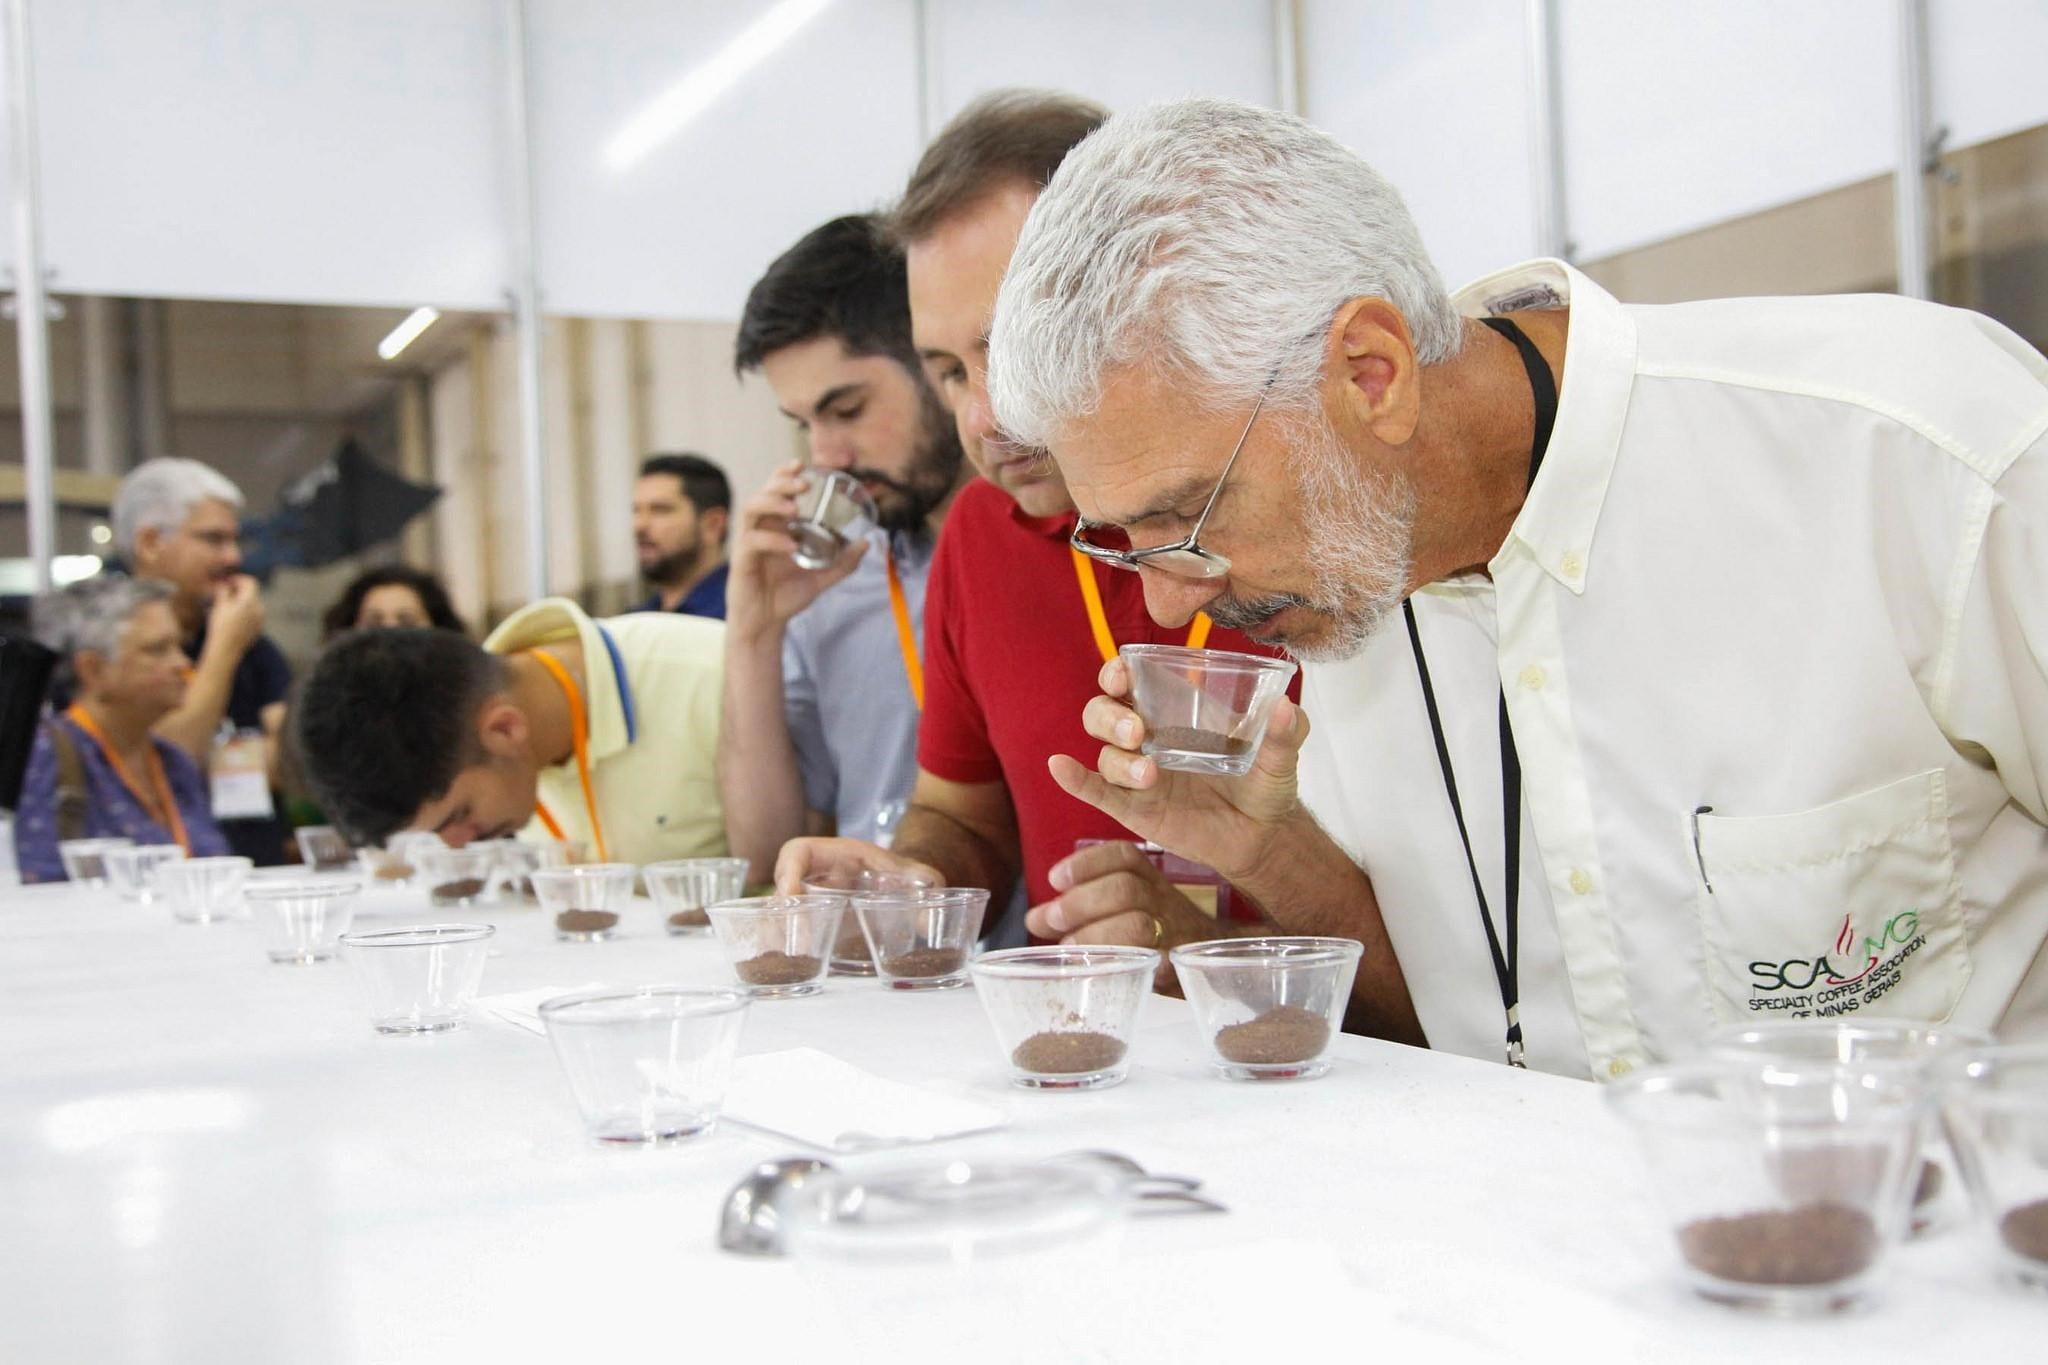 profesionales de cafe en cata de cafe de brasil